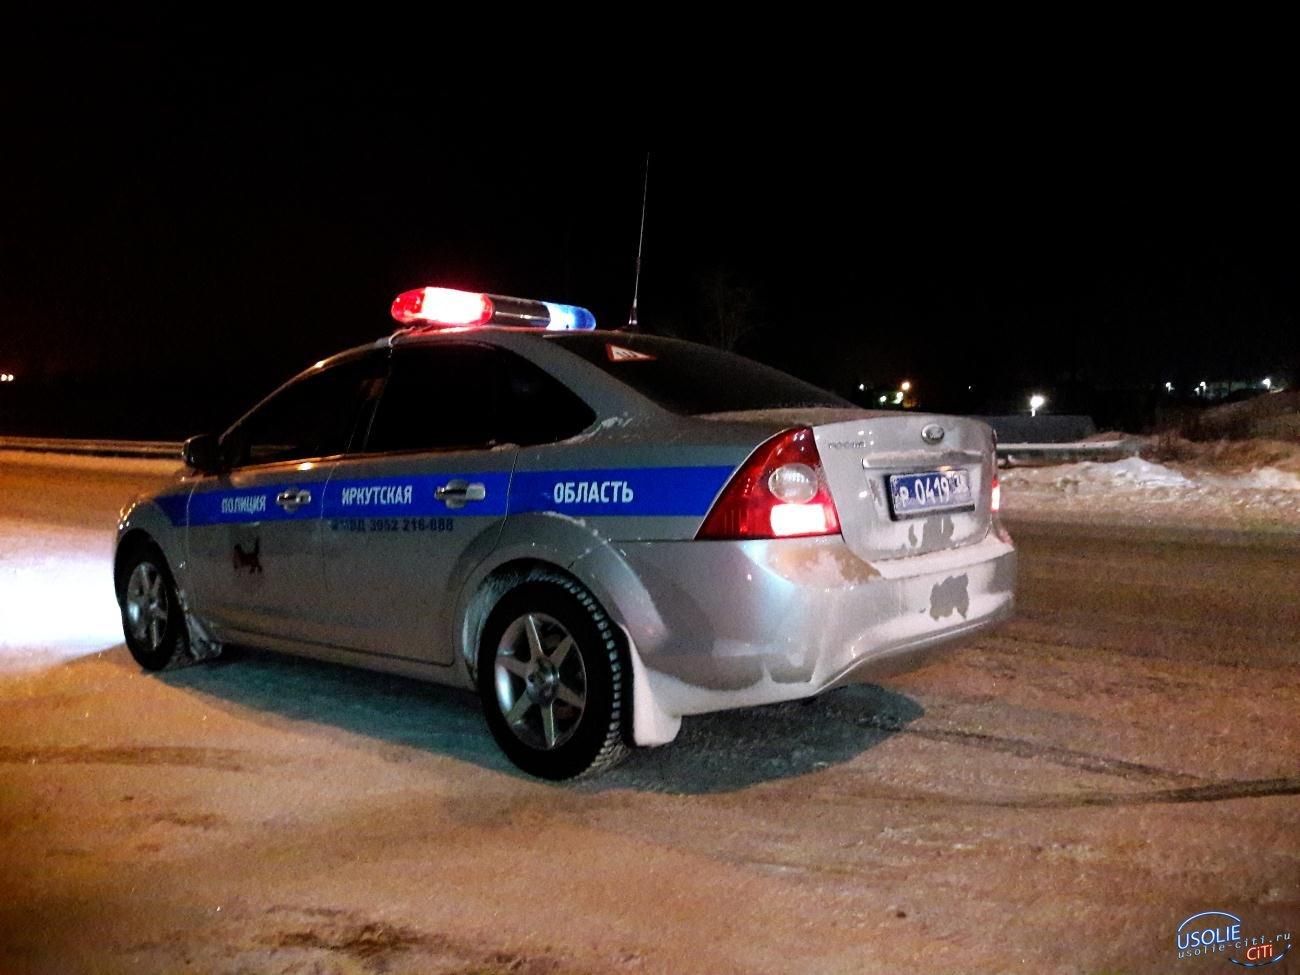 Стали известны подробности, как таксист изувечил пассажирку в Усольском районе